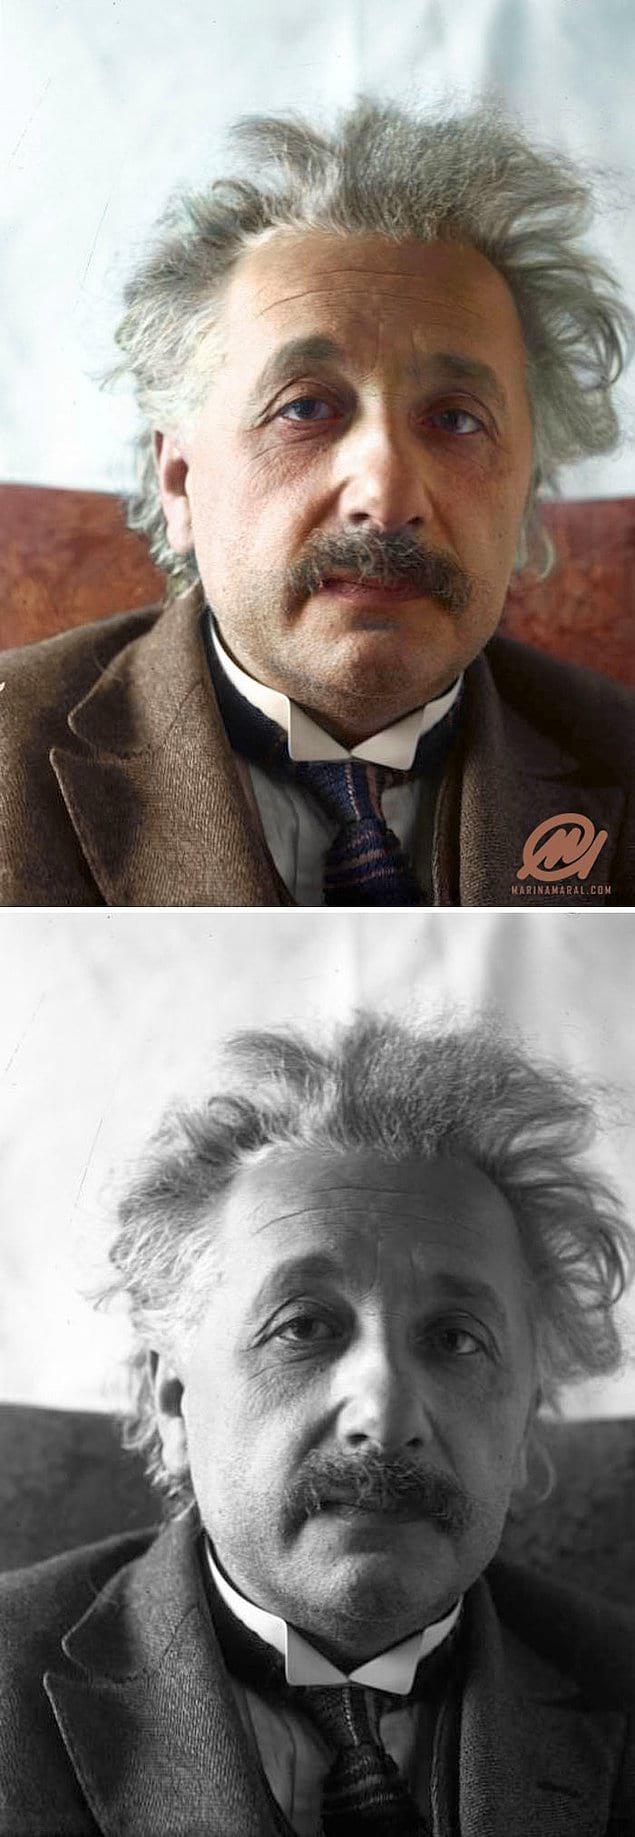 Альберт Эйнштейн, 1 марта 1921 года.